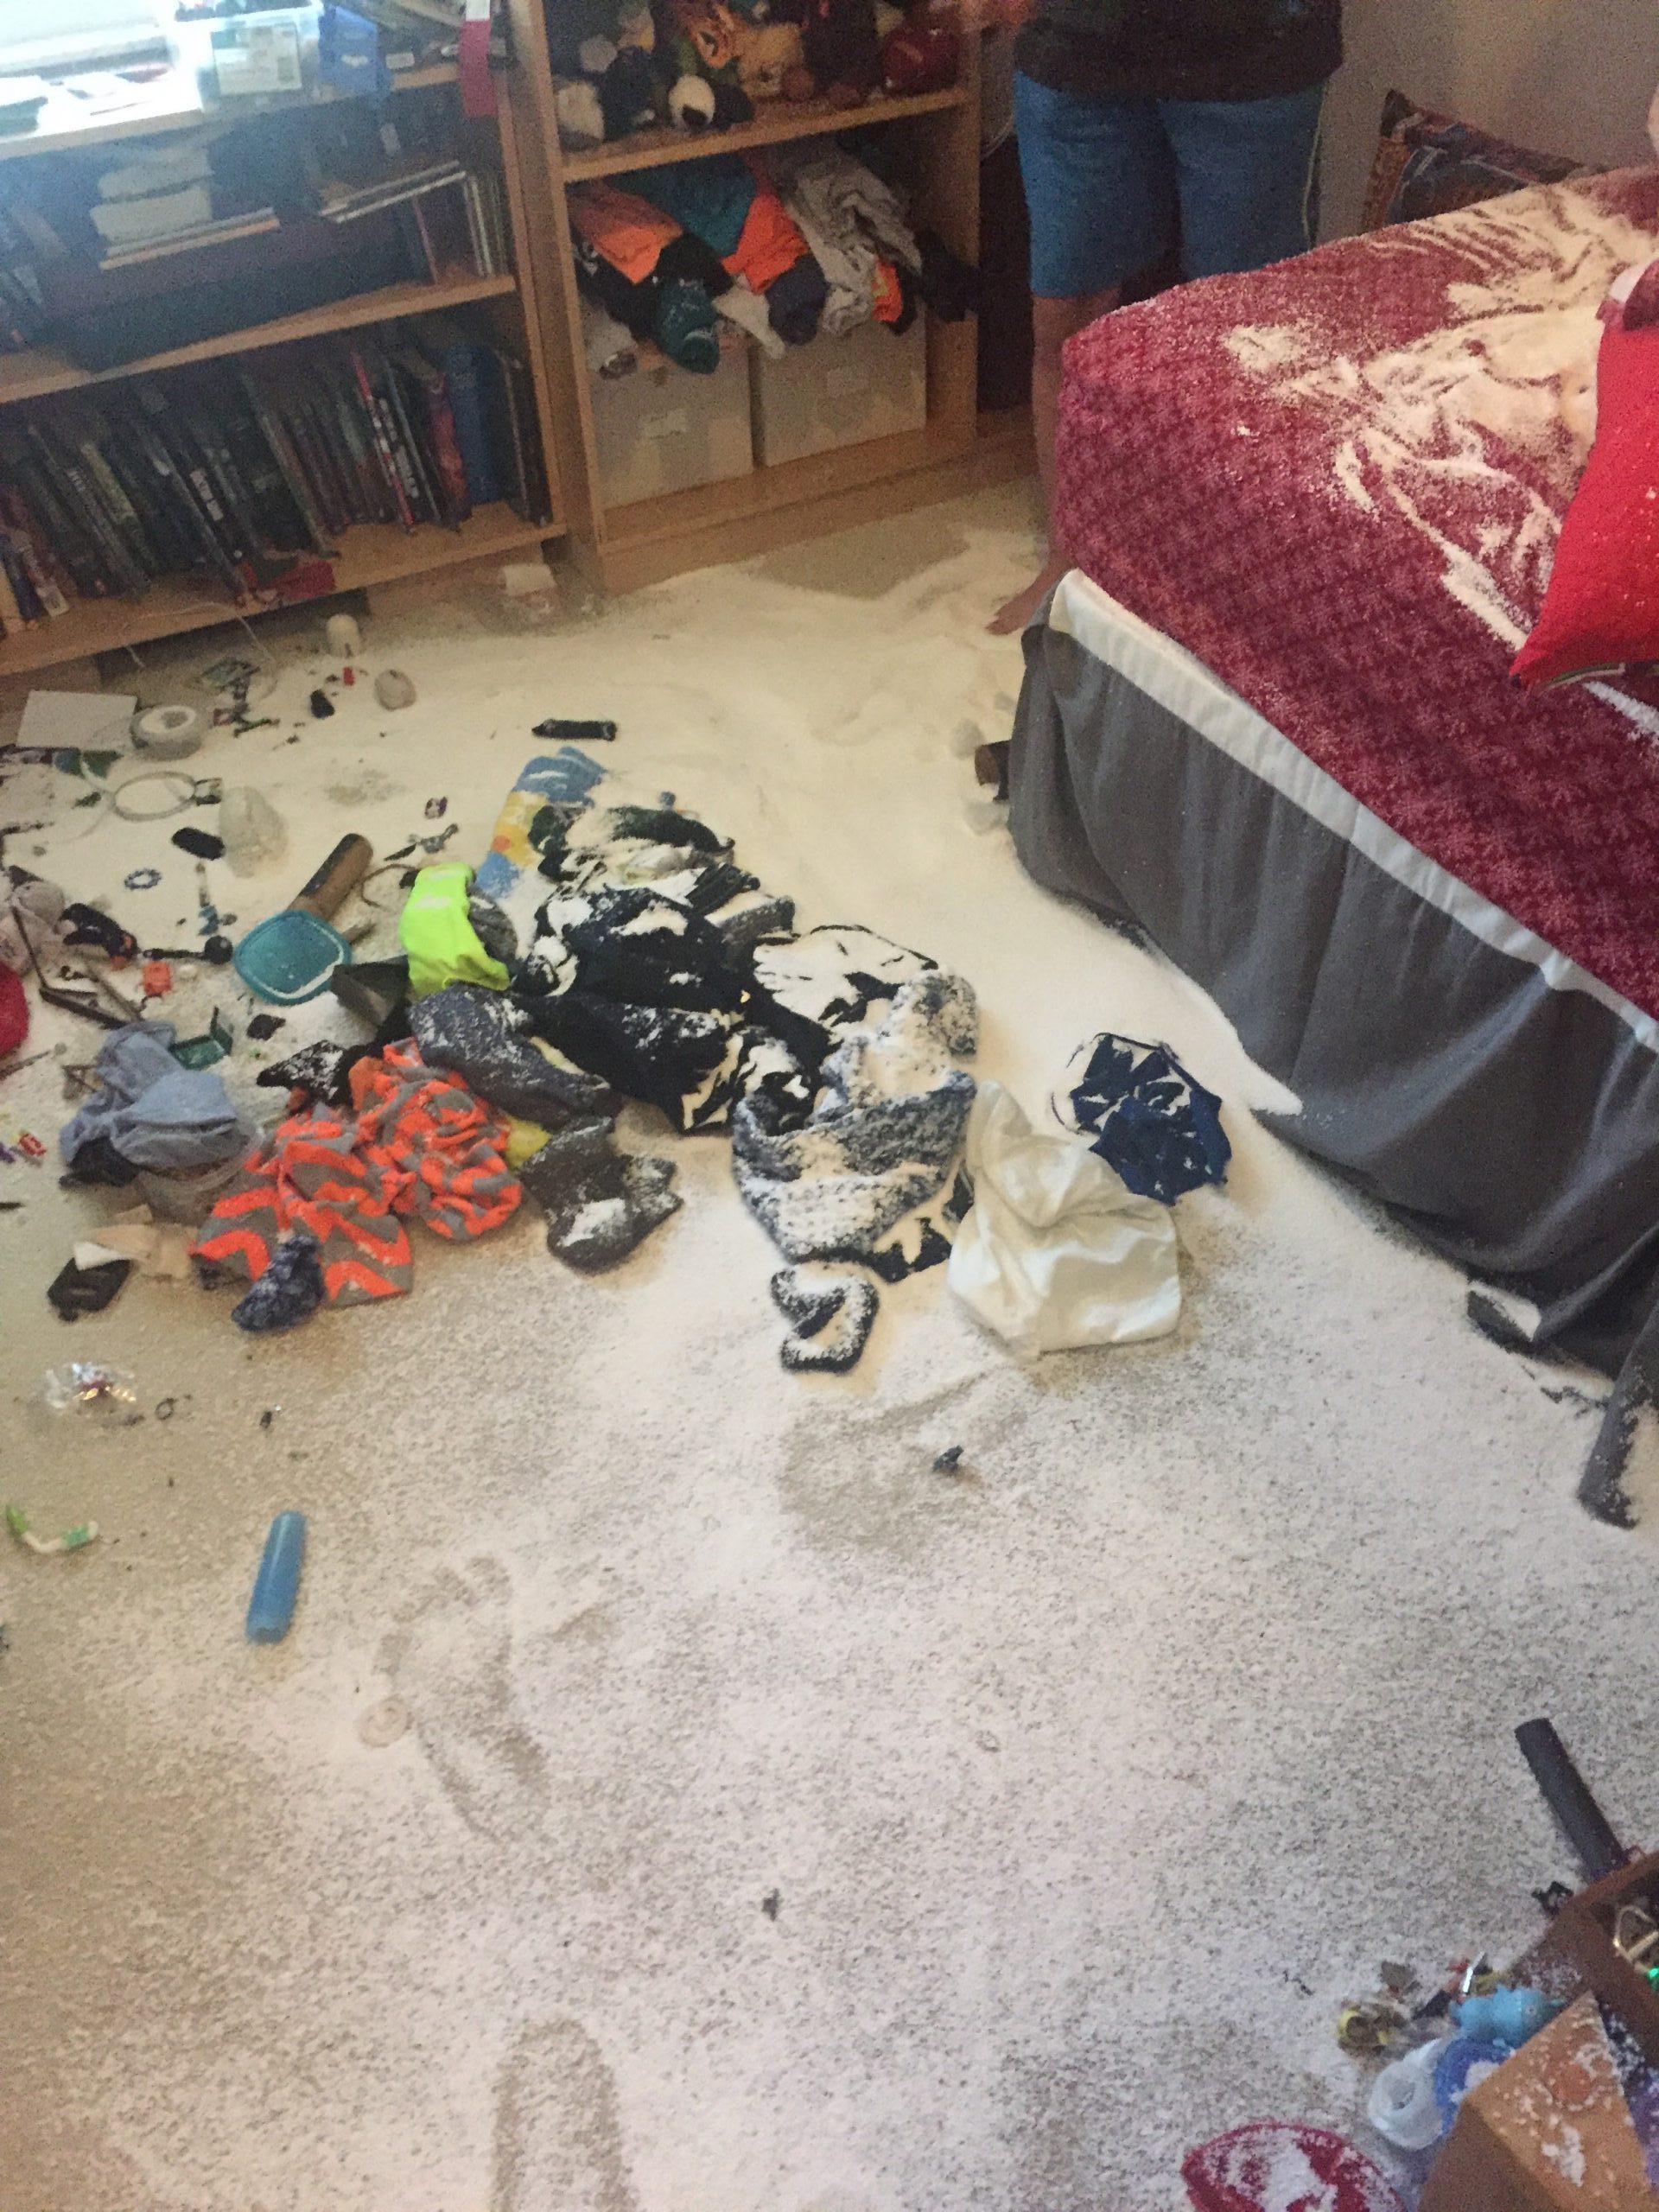 Avner's trashed bedroom